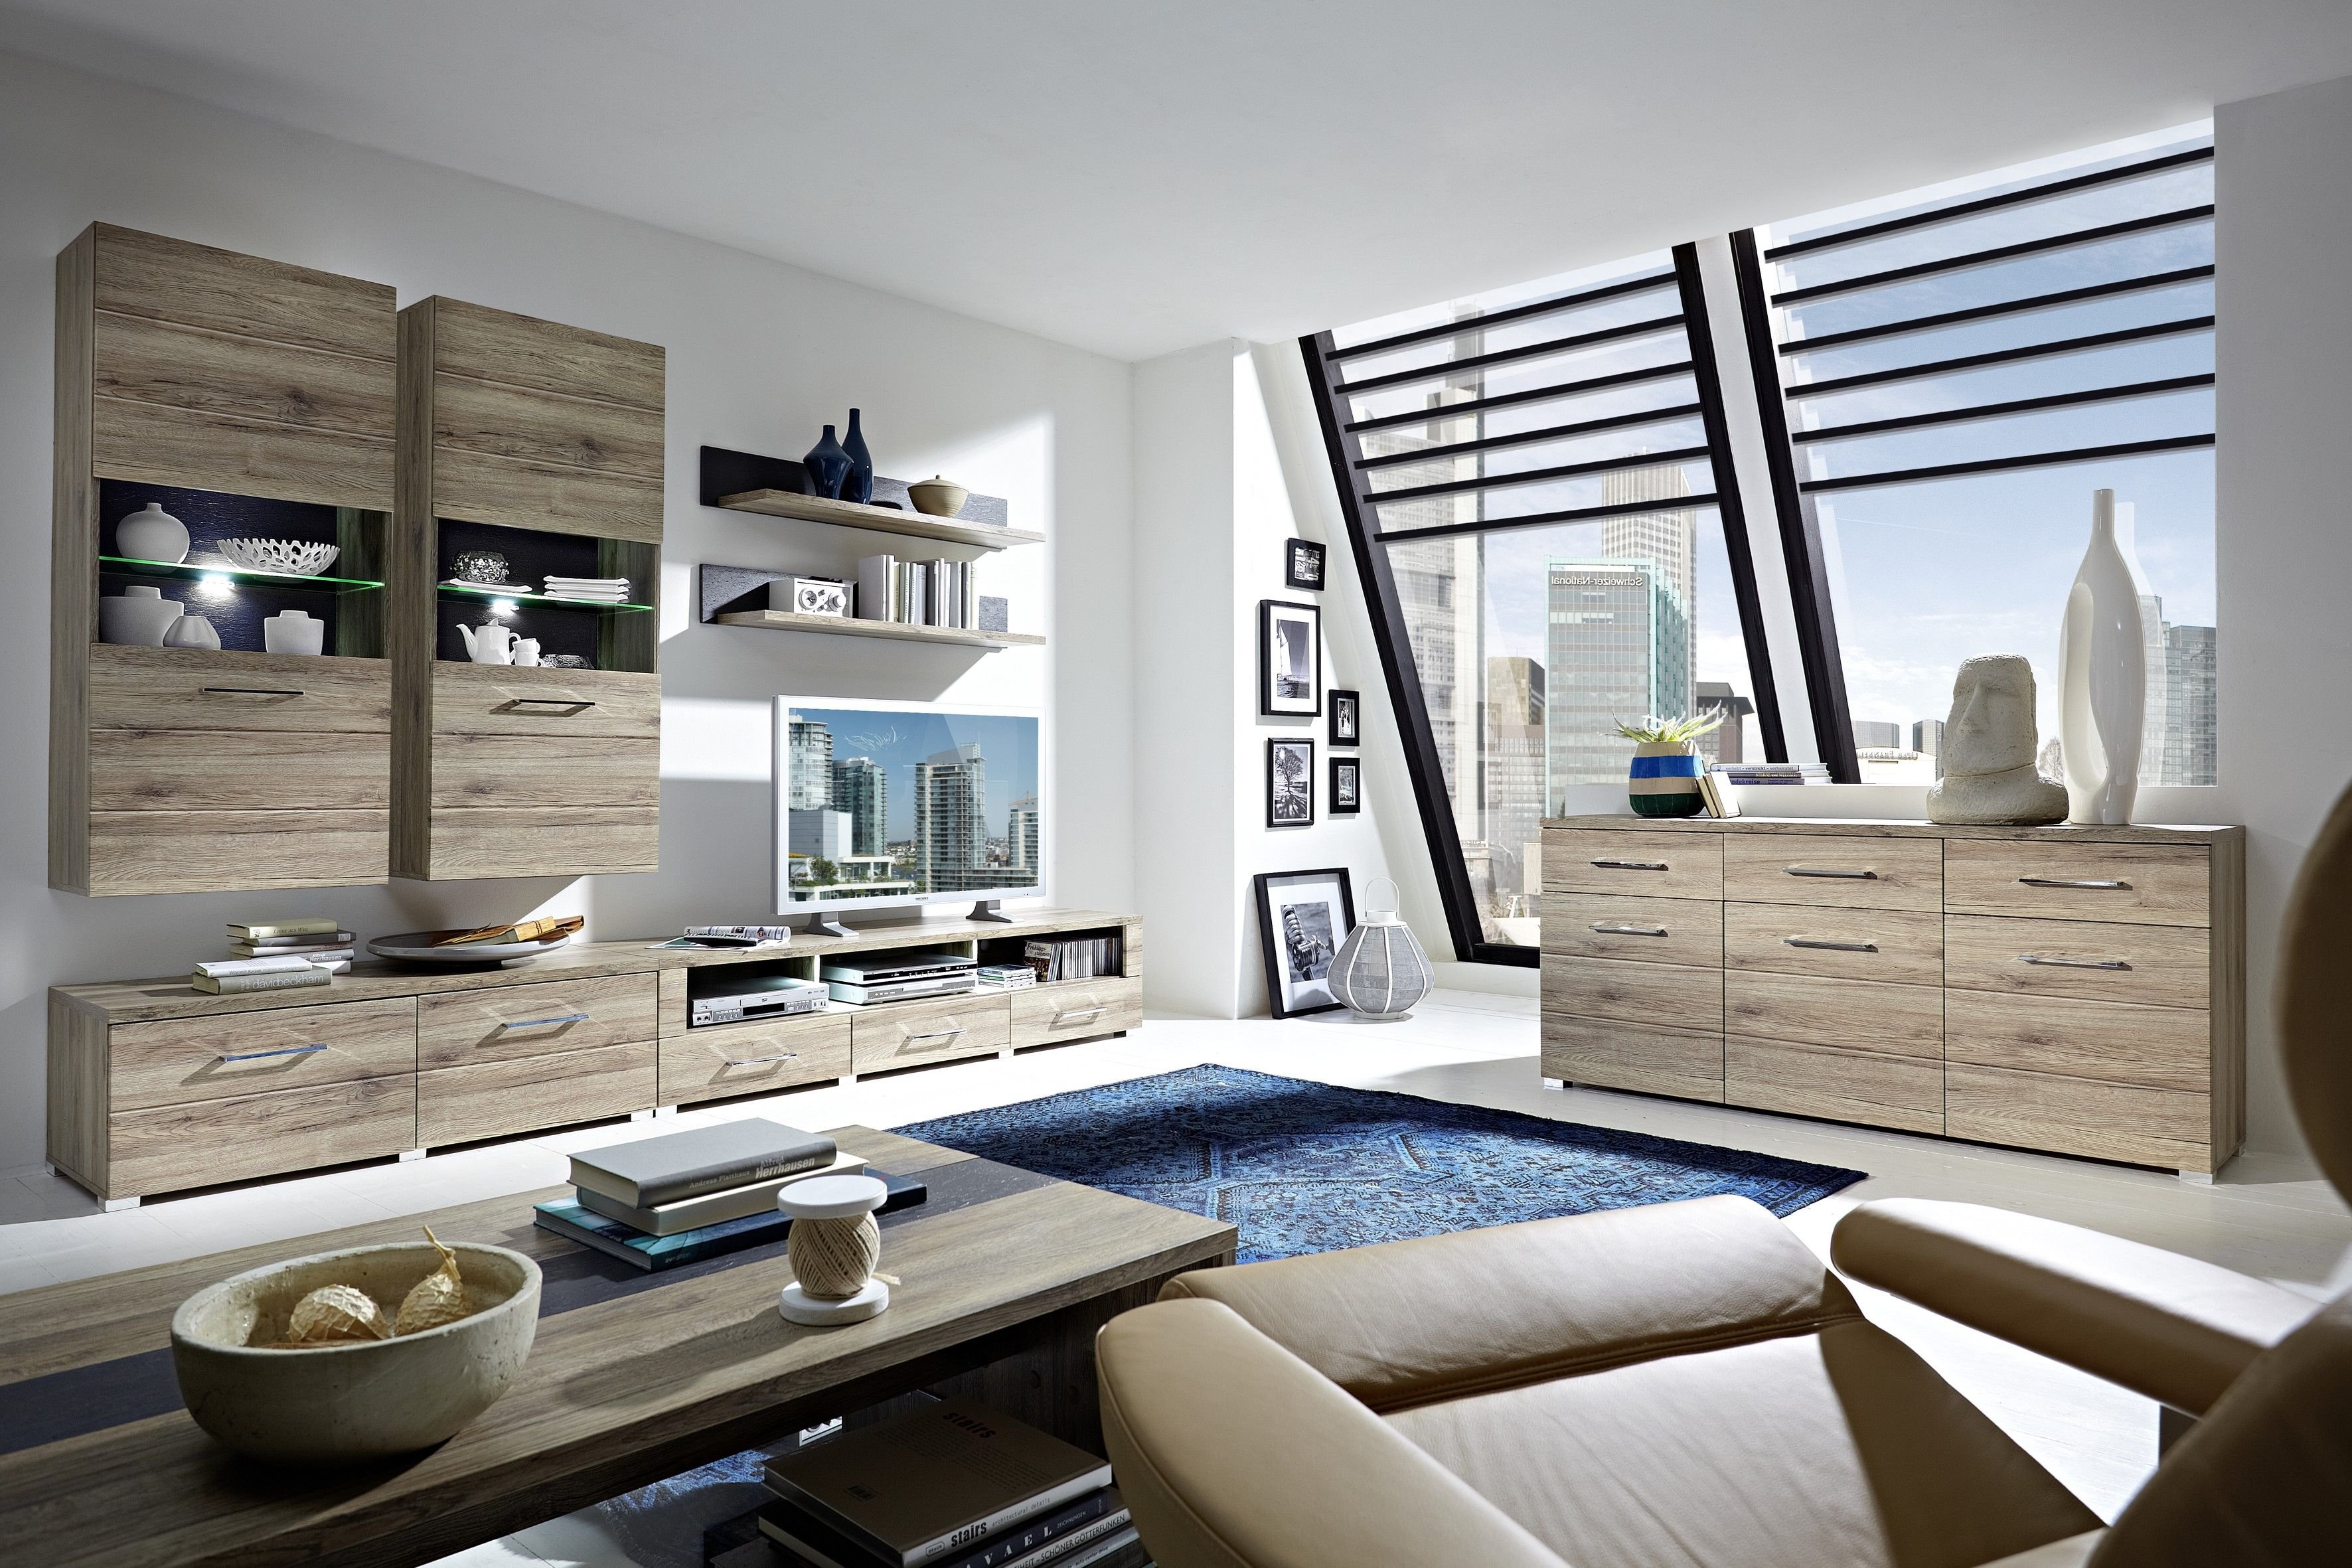 Holz wohnzimmer ~ Wohnzimmer glas fassade galerie esszimmer jalousien holz möbel